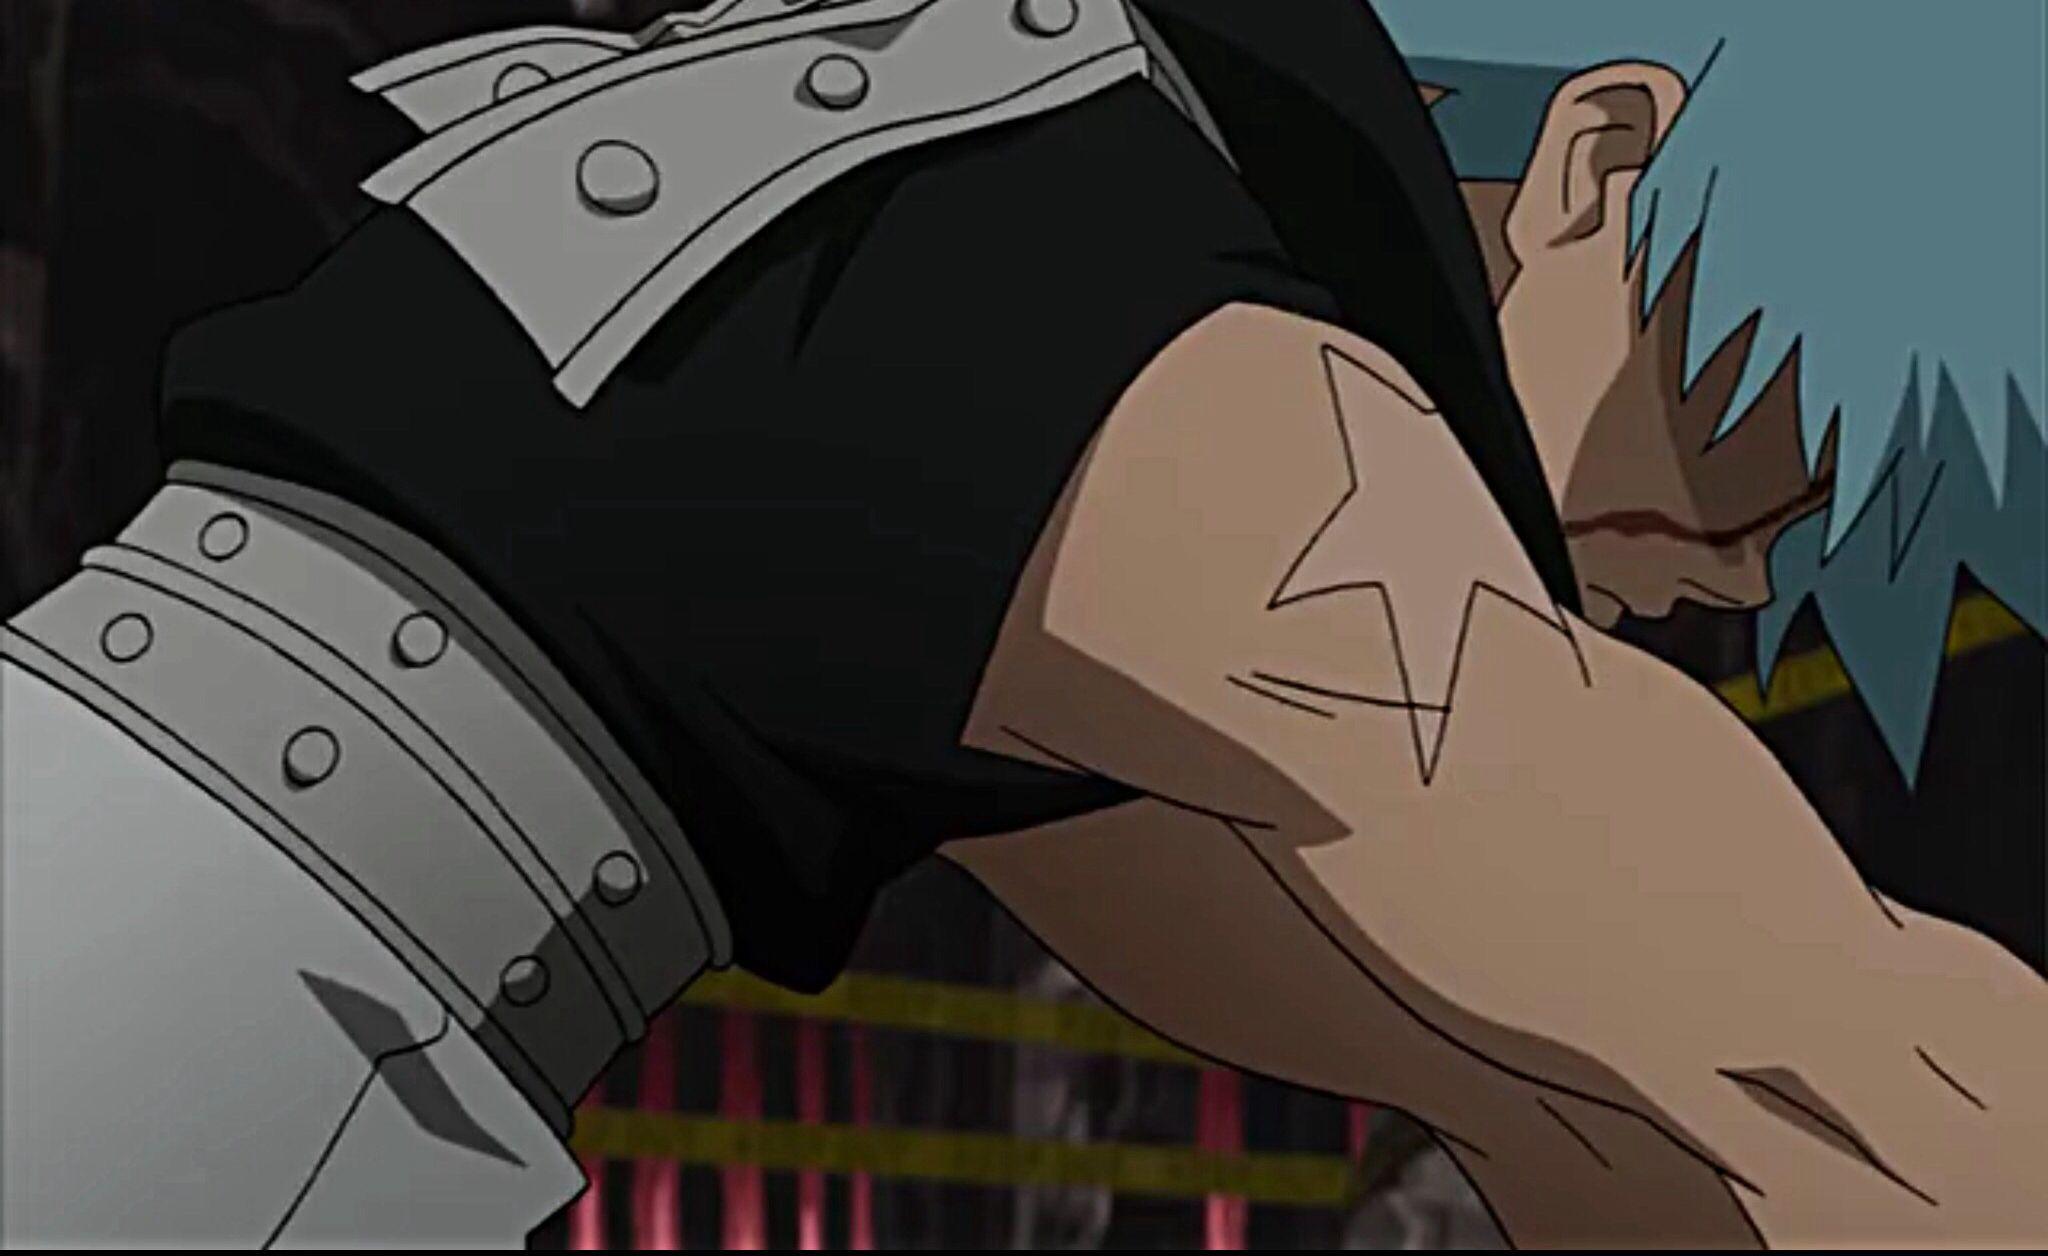 Black Star Anime, Favorite character, Black star